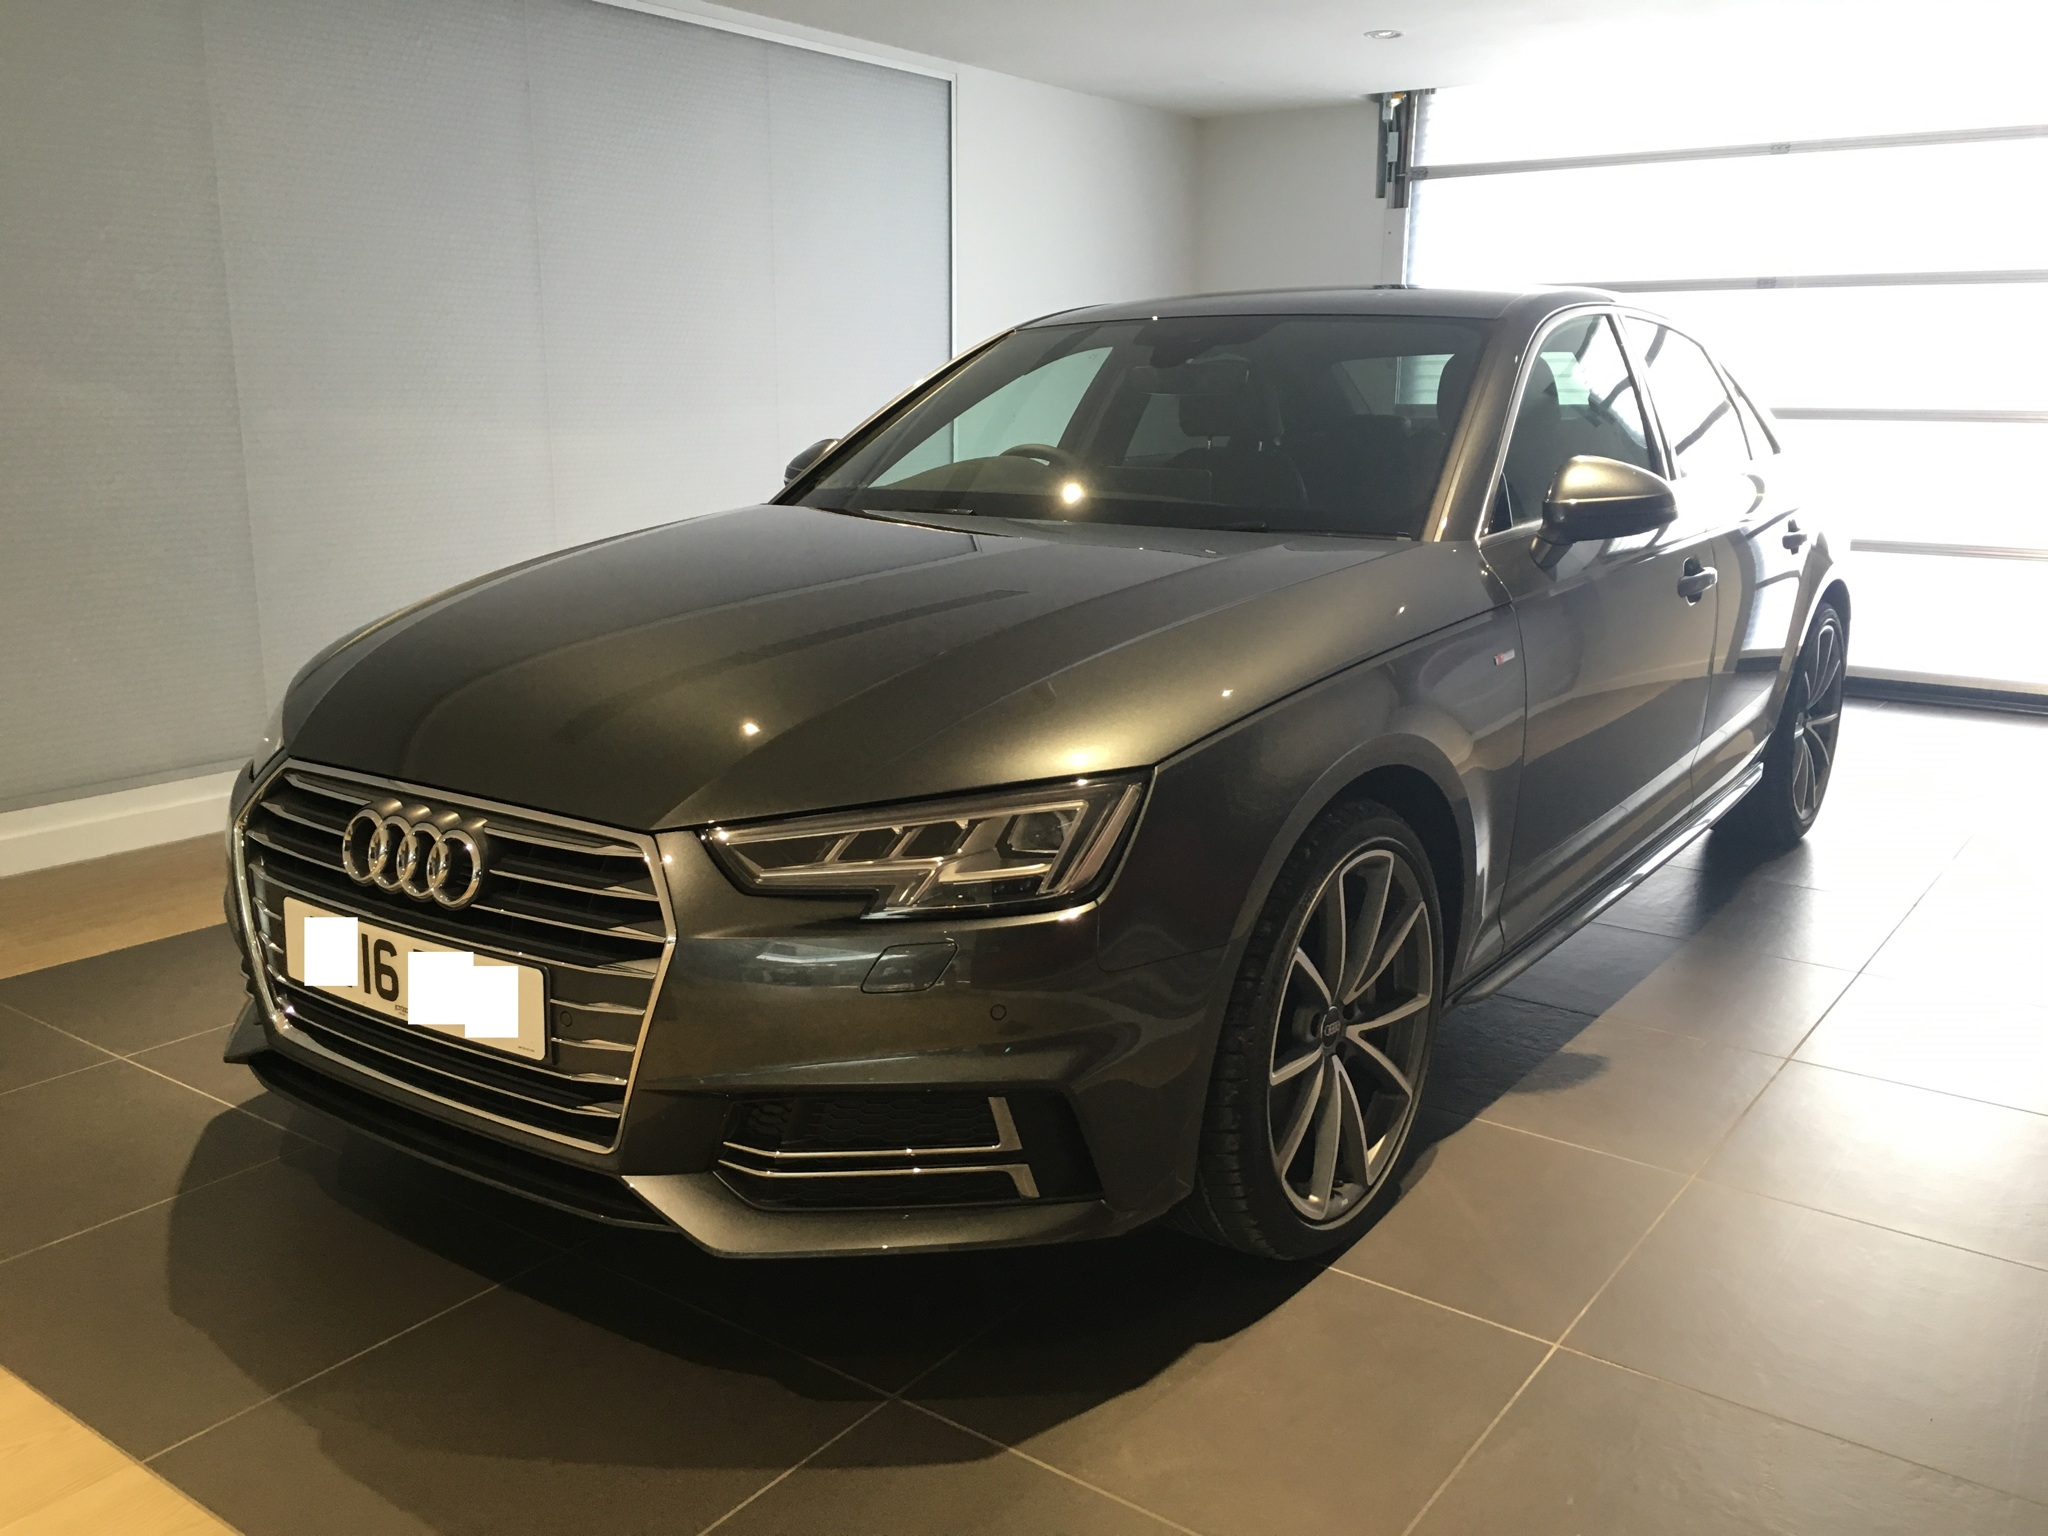 Audi a4 avant s line black edition 2016 18